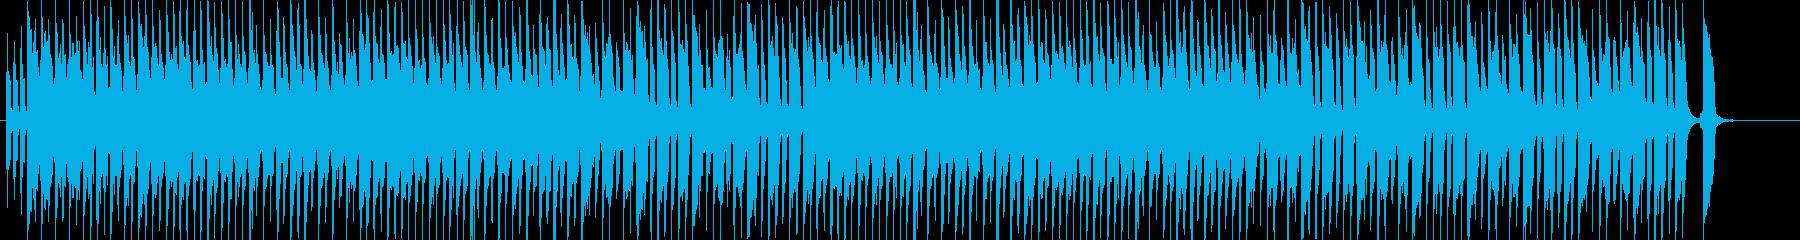 ドキドキ焦って可愛いBGM【ループ可】の再生済みの波形